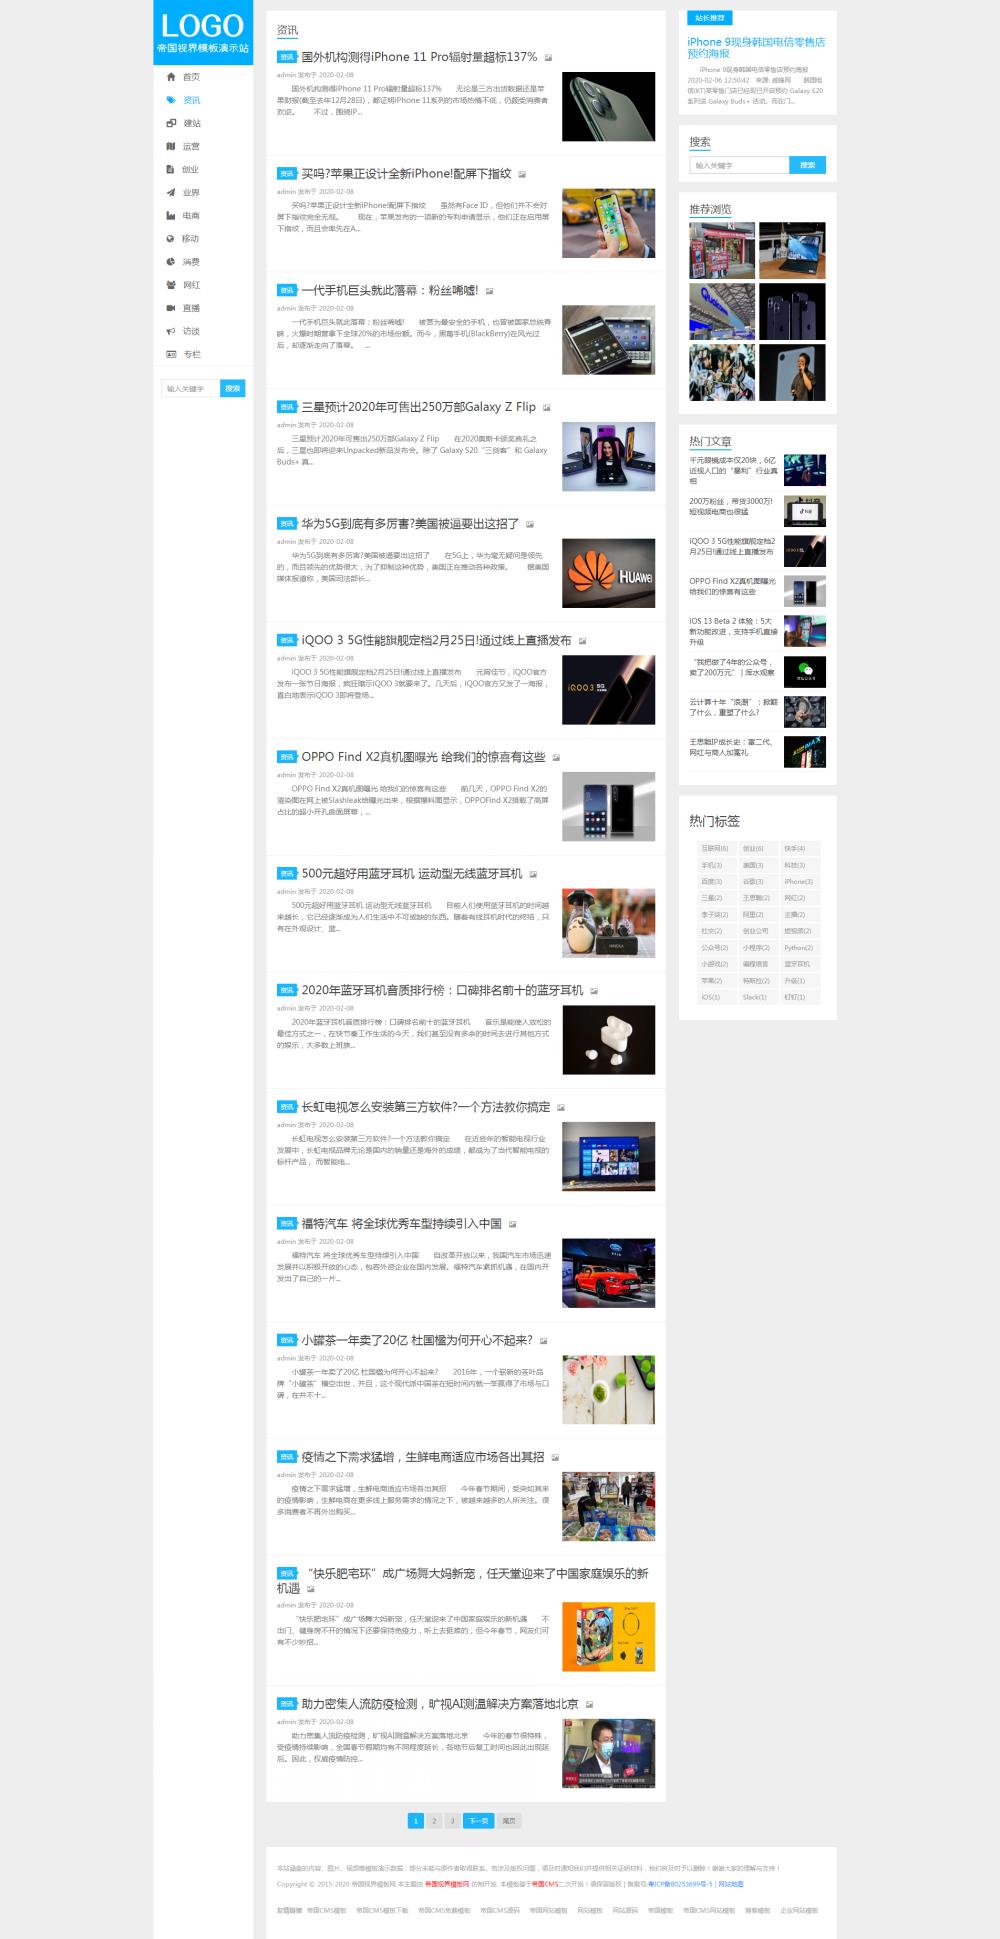 [DG-078]帝国CMS蓝色自适应高端自媒体新闻资讯文章模板 [DG-078]帝国CMS蓝色自适应高端自媒体新闻资讯文章模板 新闻资讯 第2张